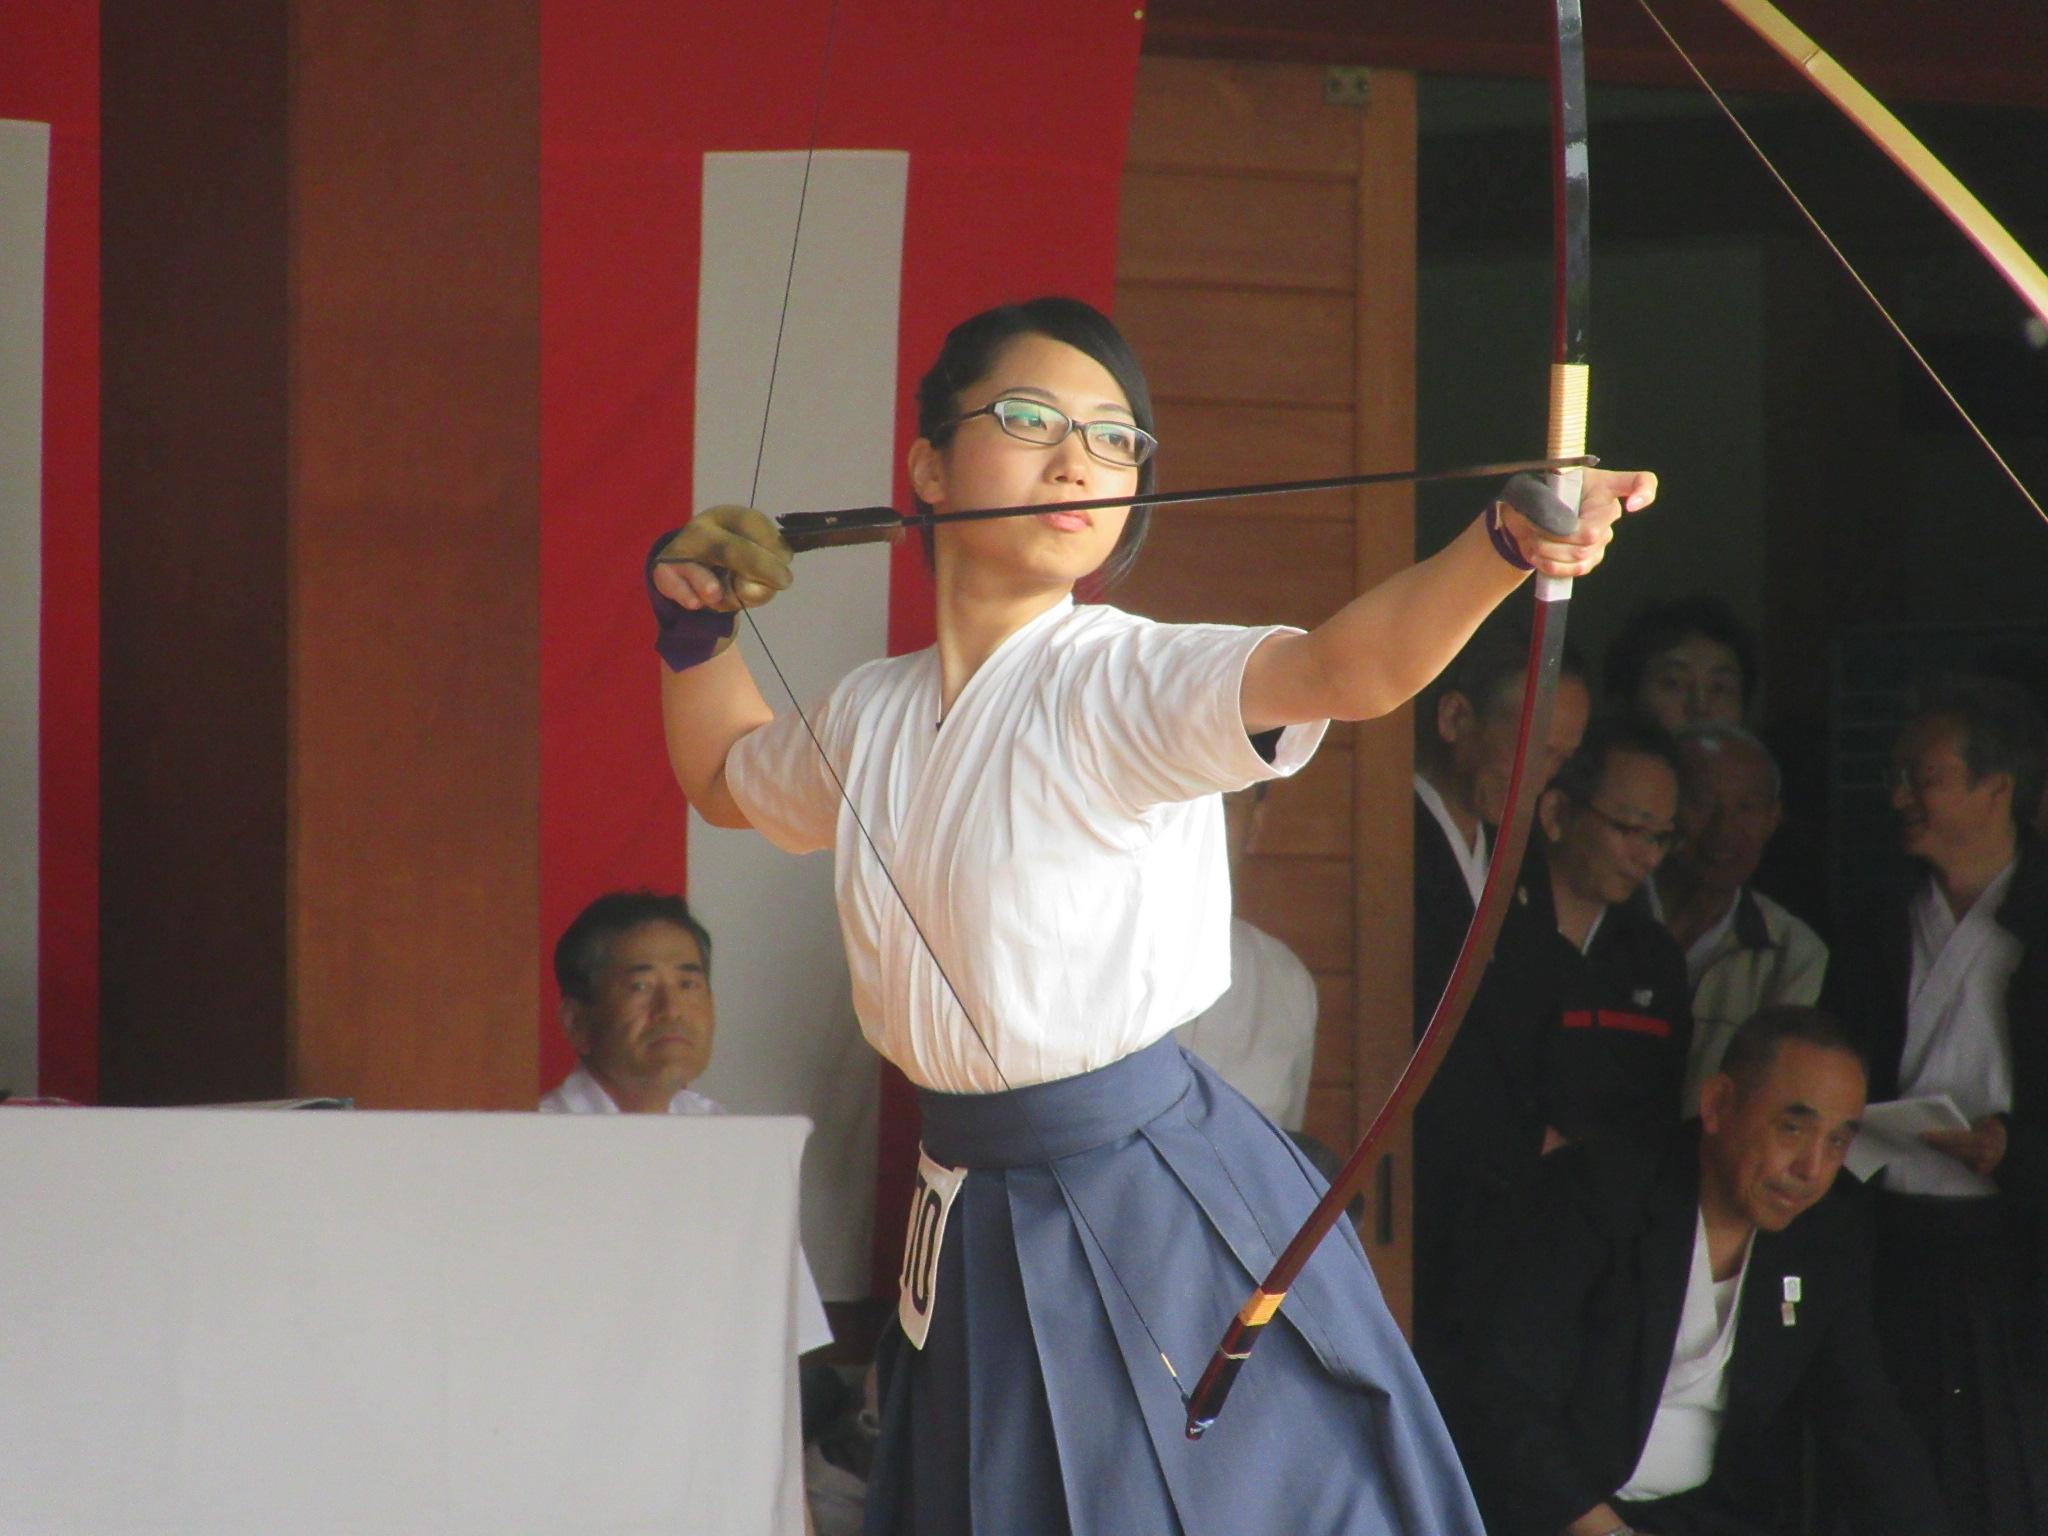 東田(4)射詰め八寸4本目を的中させ 大学女子の部優勝